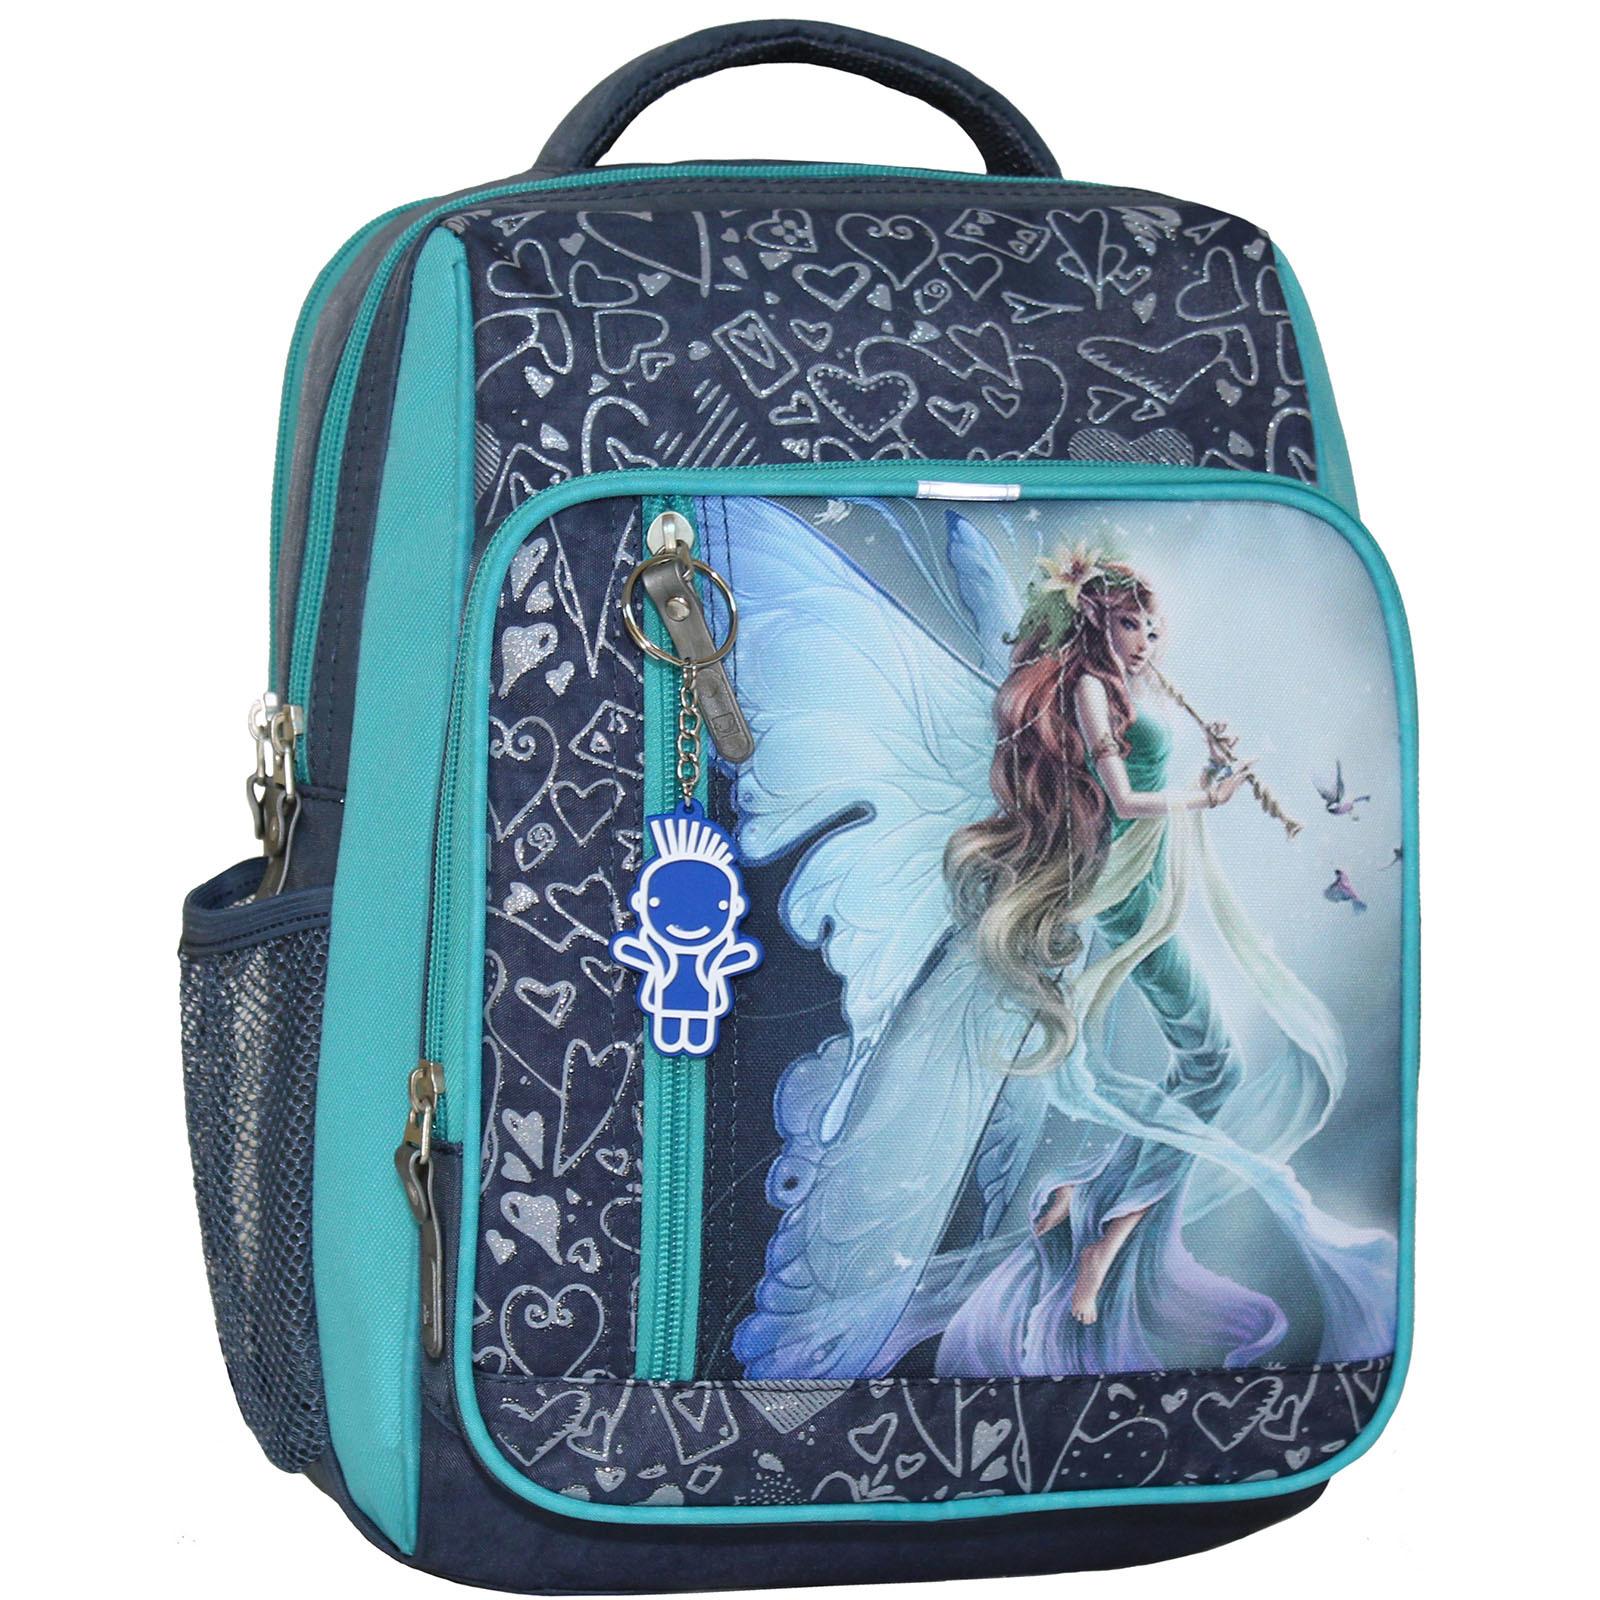 Школьные рюкзаки Рюкзак школьный Bagland Школьник 8 л. 321 серый 90д (0012870) IMG_4670.JPG